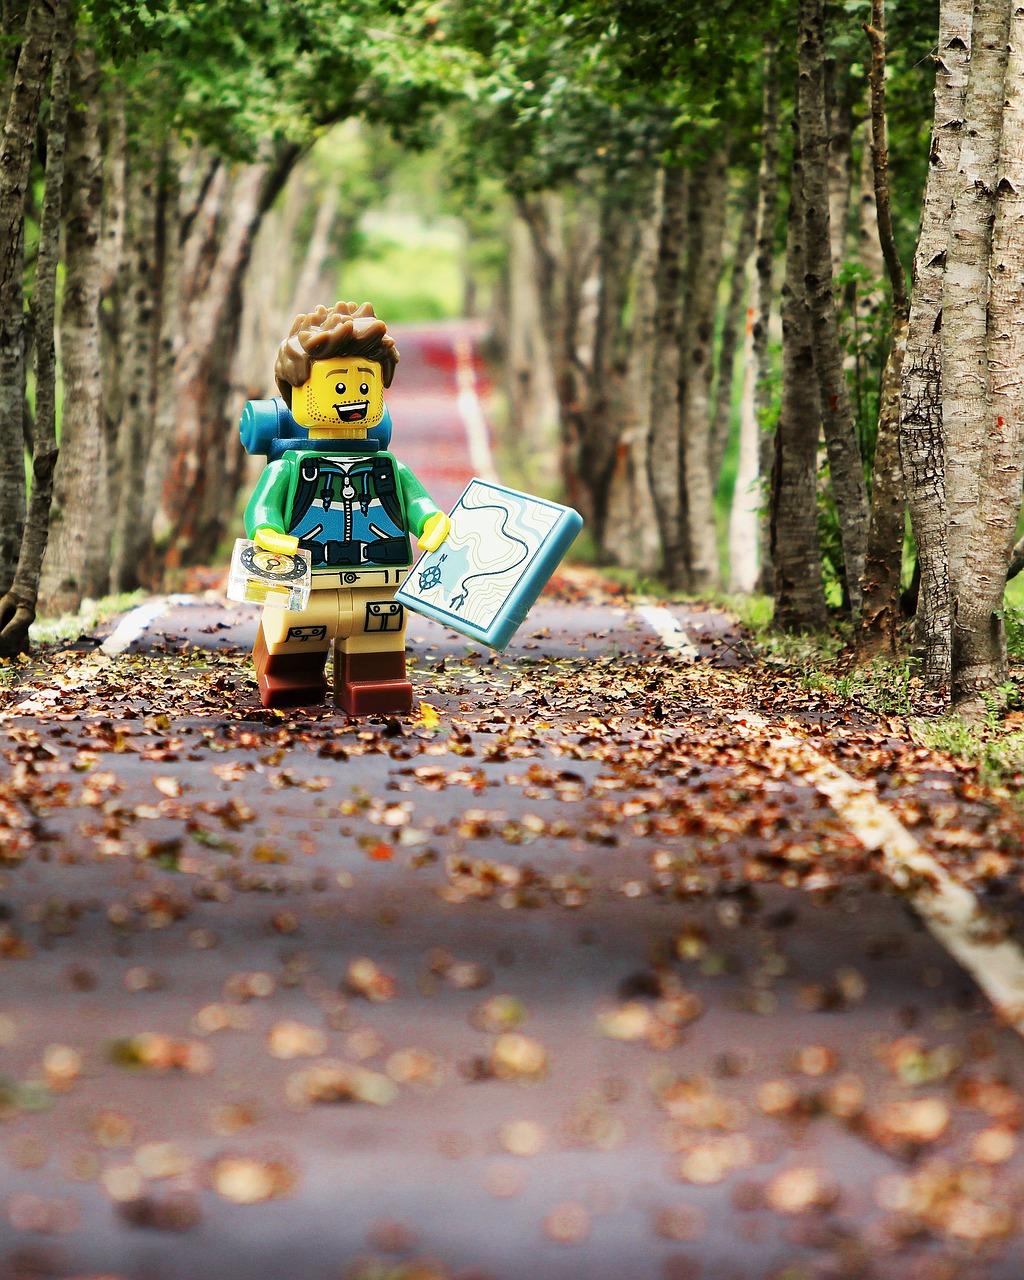 Lego Forest Nature - Free photo on Pixabay